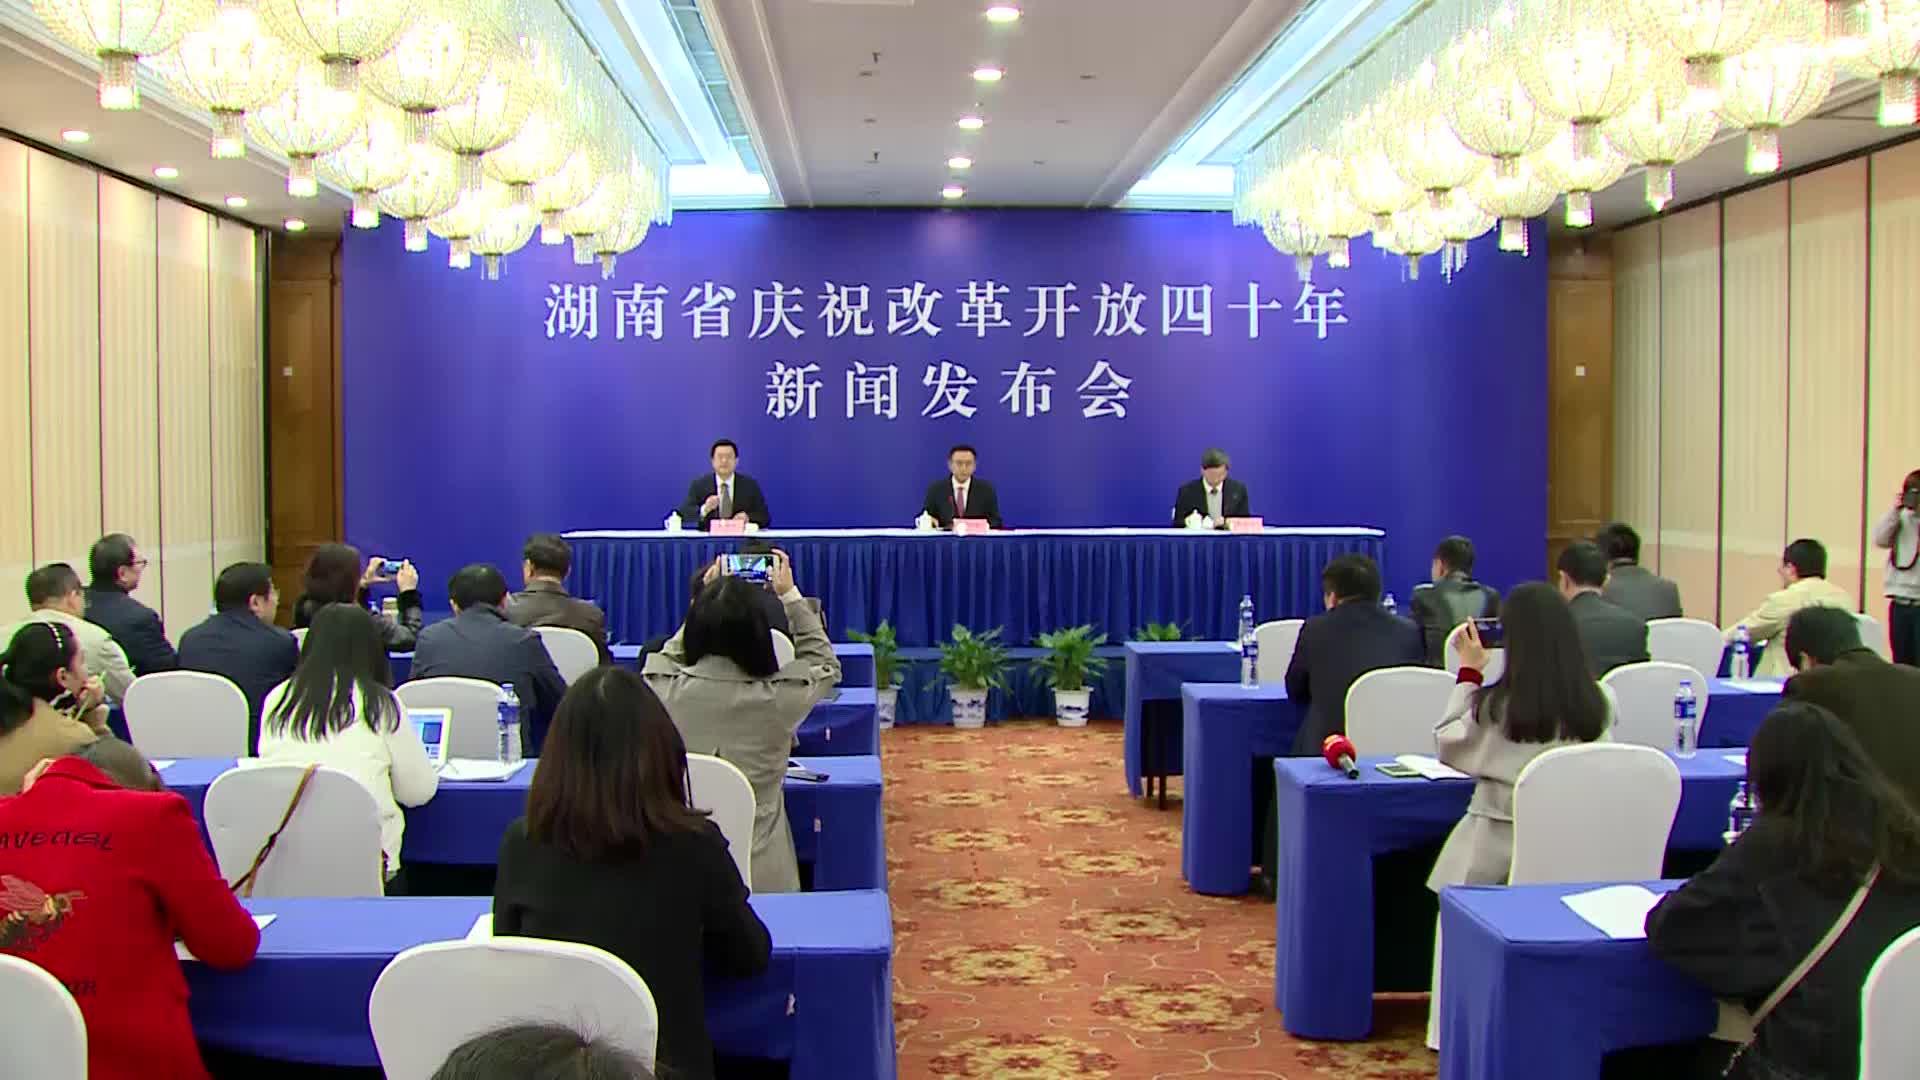 【全程回放】湖南省庆祝改革开放四十年系列新闻发布会:改革开放40年来全省水利改革发展成就